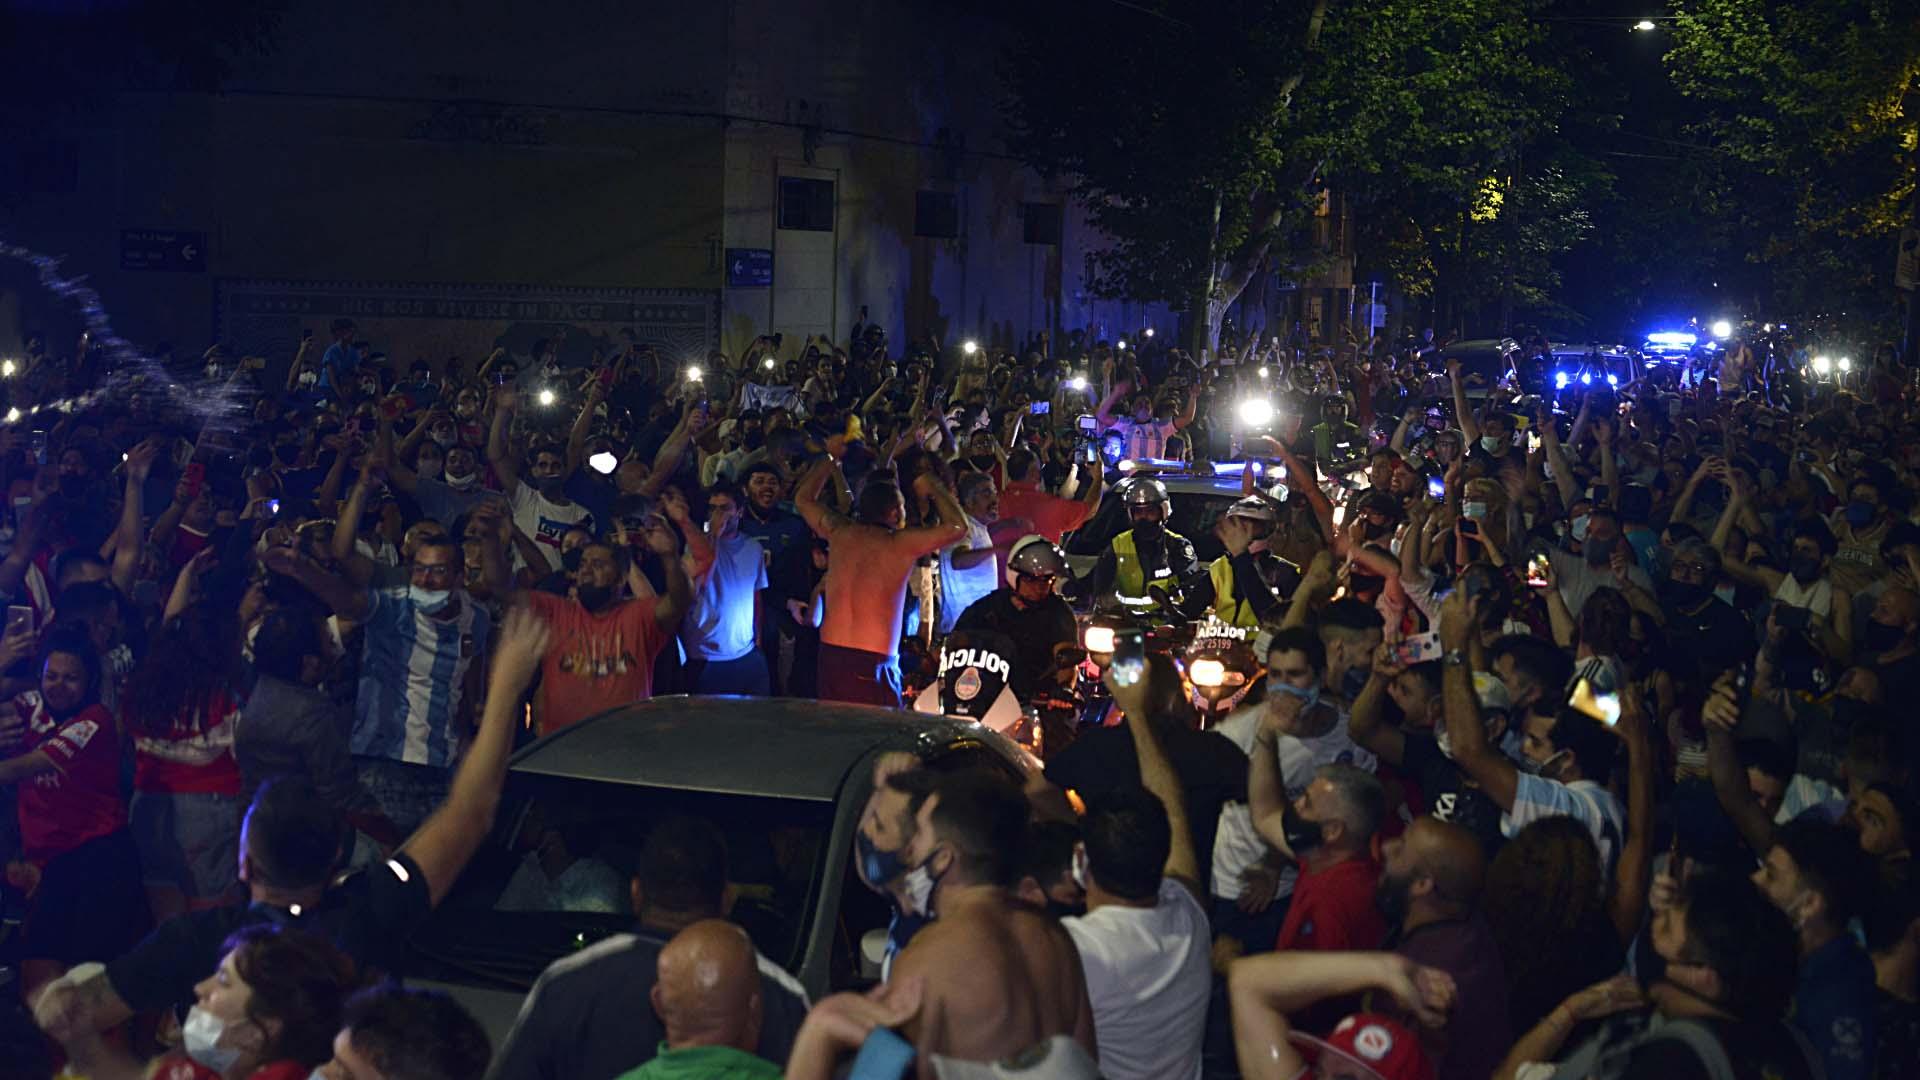 Pese a la pandemia de coronavirus, el fallecimiento de Maradona generó que miles de personas se aglutinen sin distanciamiento social